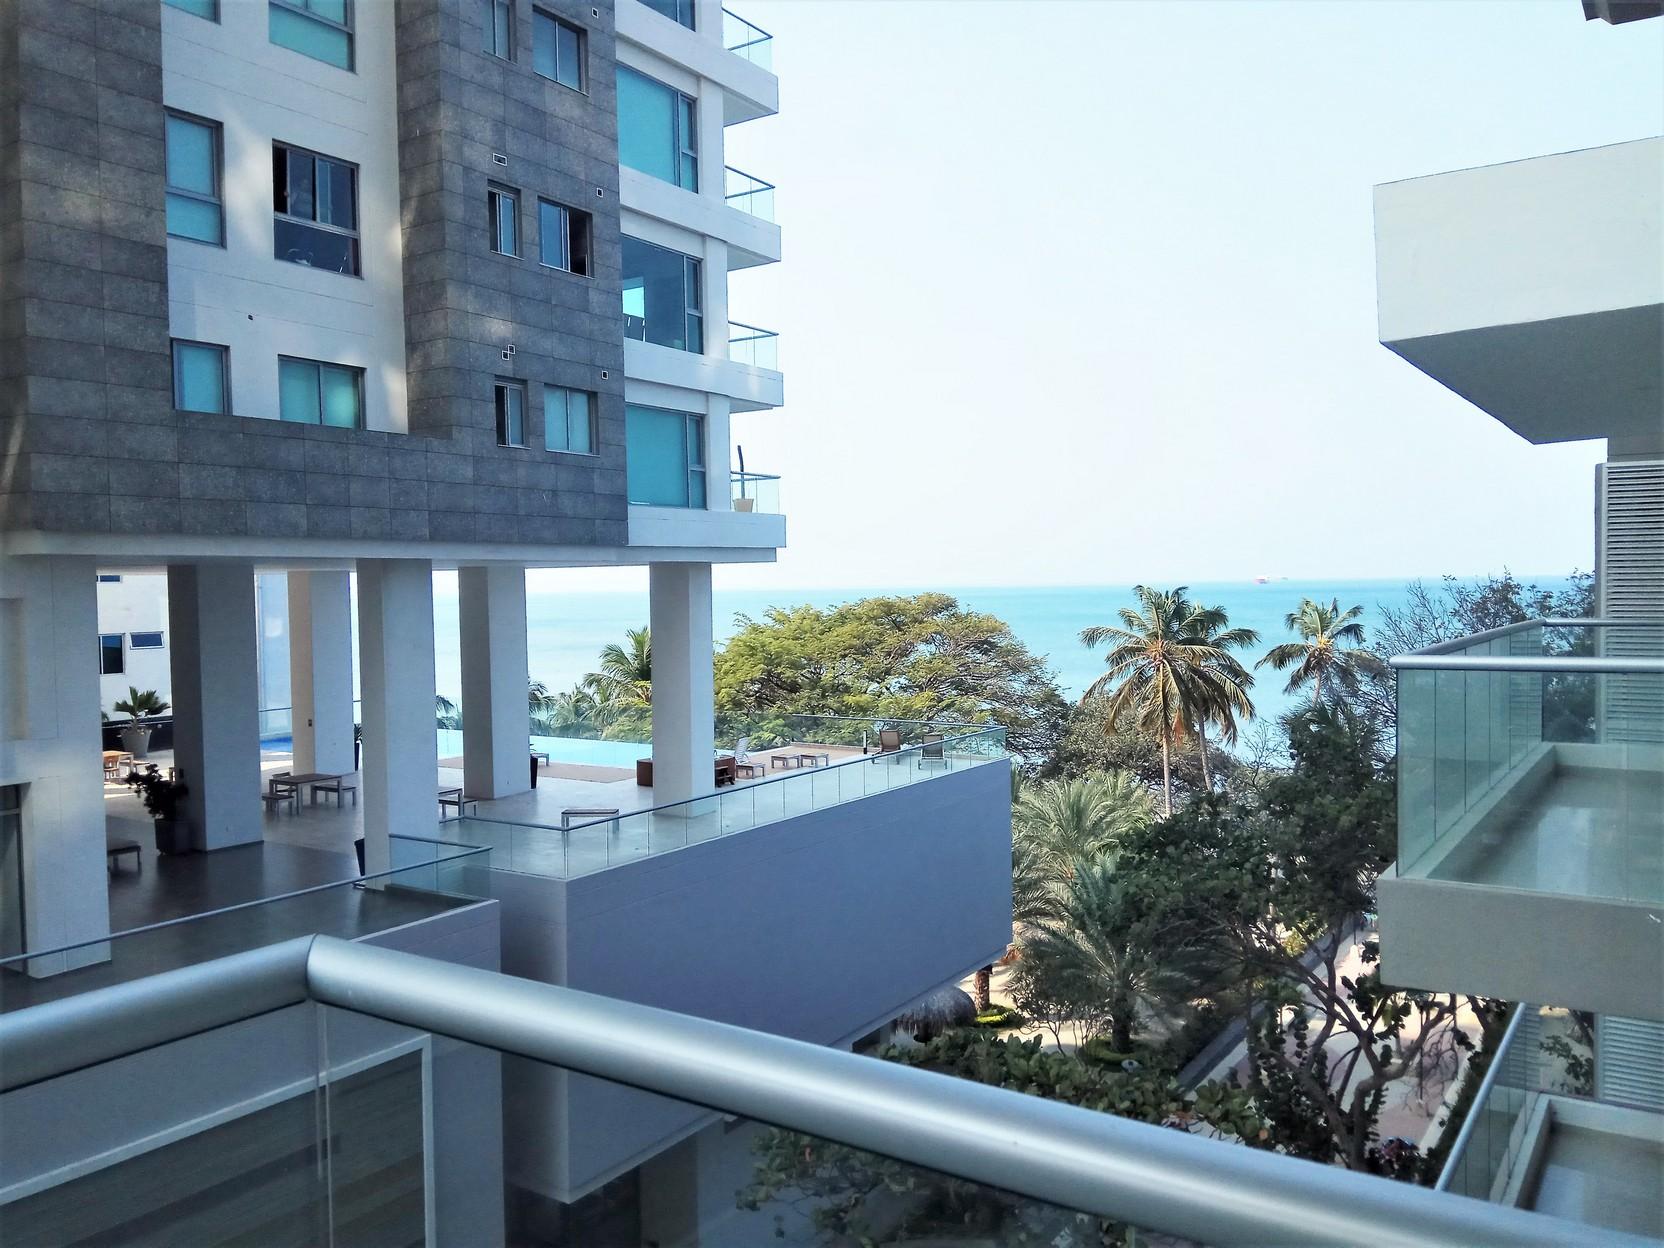 Apartamento con vsita al mar 2 habitaciones 2 baños -Salida directa al mar.